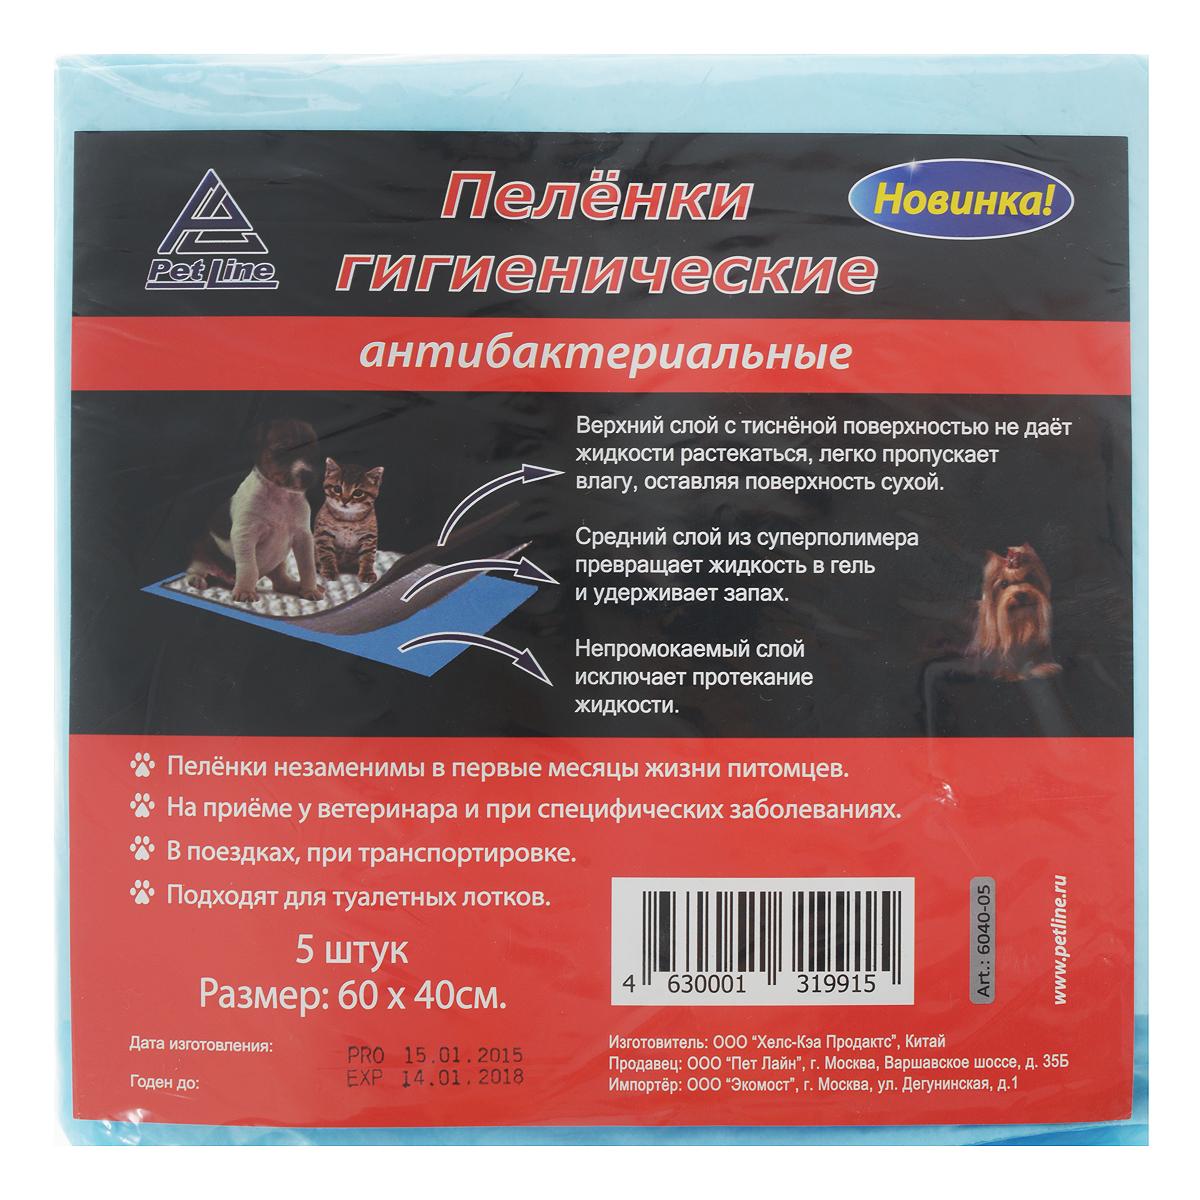 Пеленка для домашних животных Pet Line, антибактериальная, 60 см х 40 см, 5 шт пелигрин пеленки впитывающие classic 60 см х 40 см 30 шт